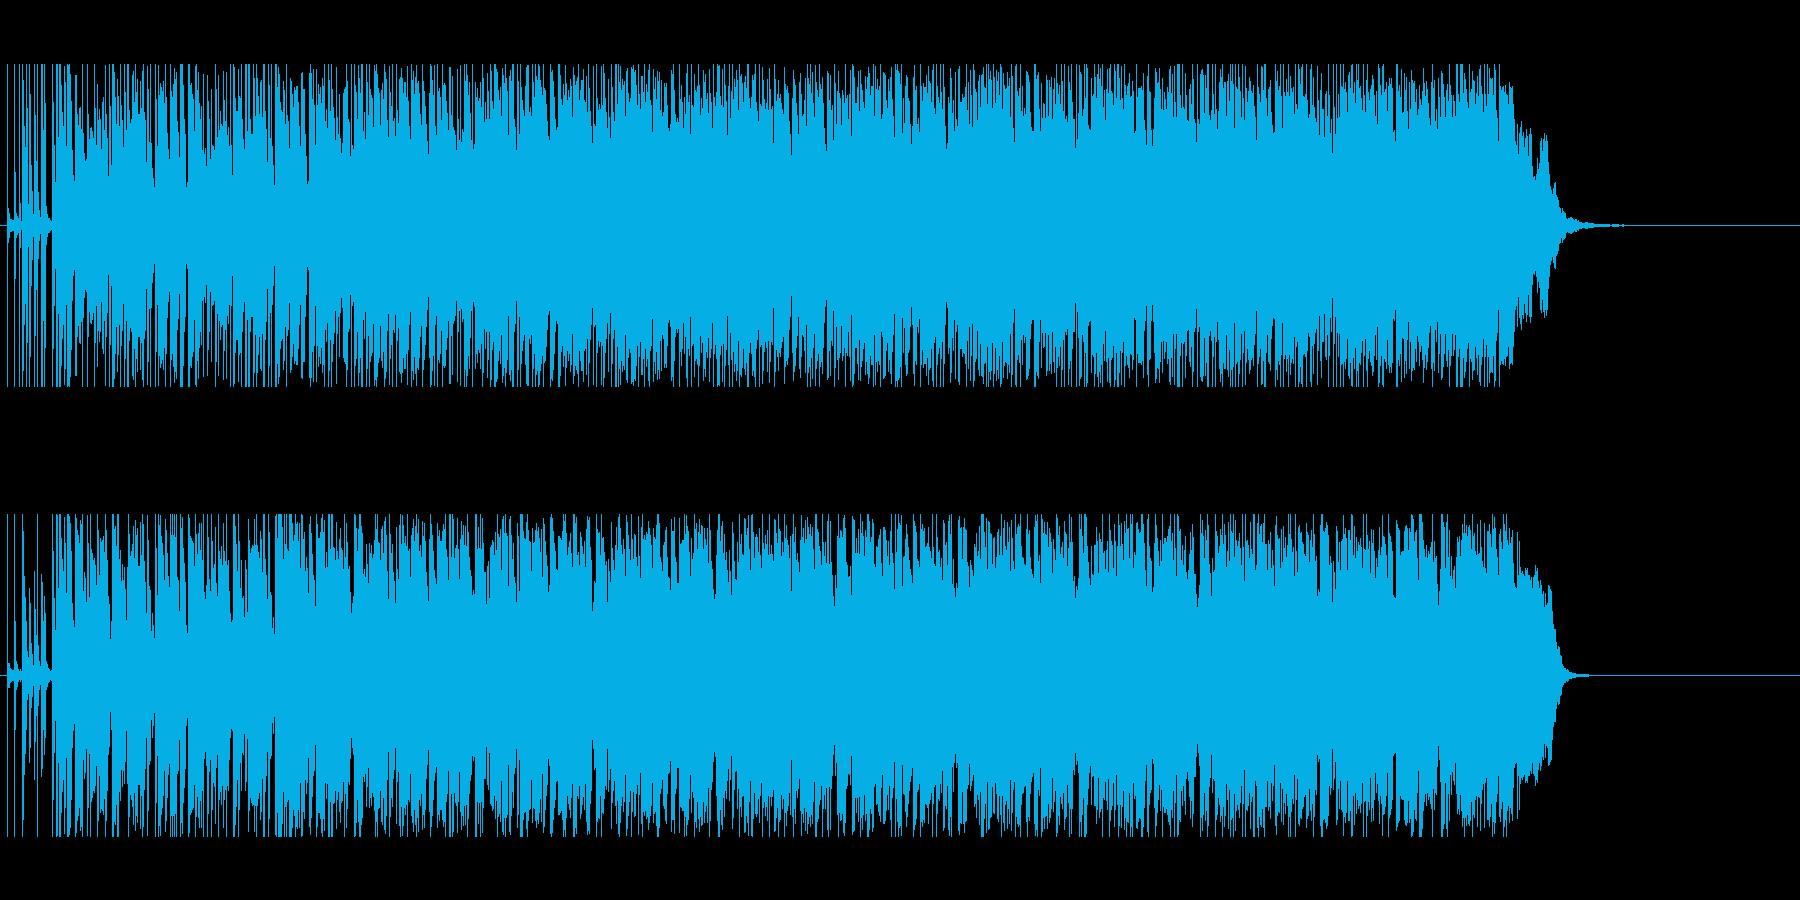 科学 実験 謎 未来 不思議 マジックの再生済みの波形